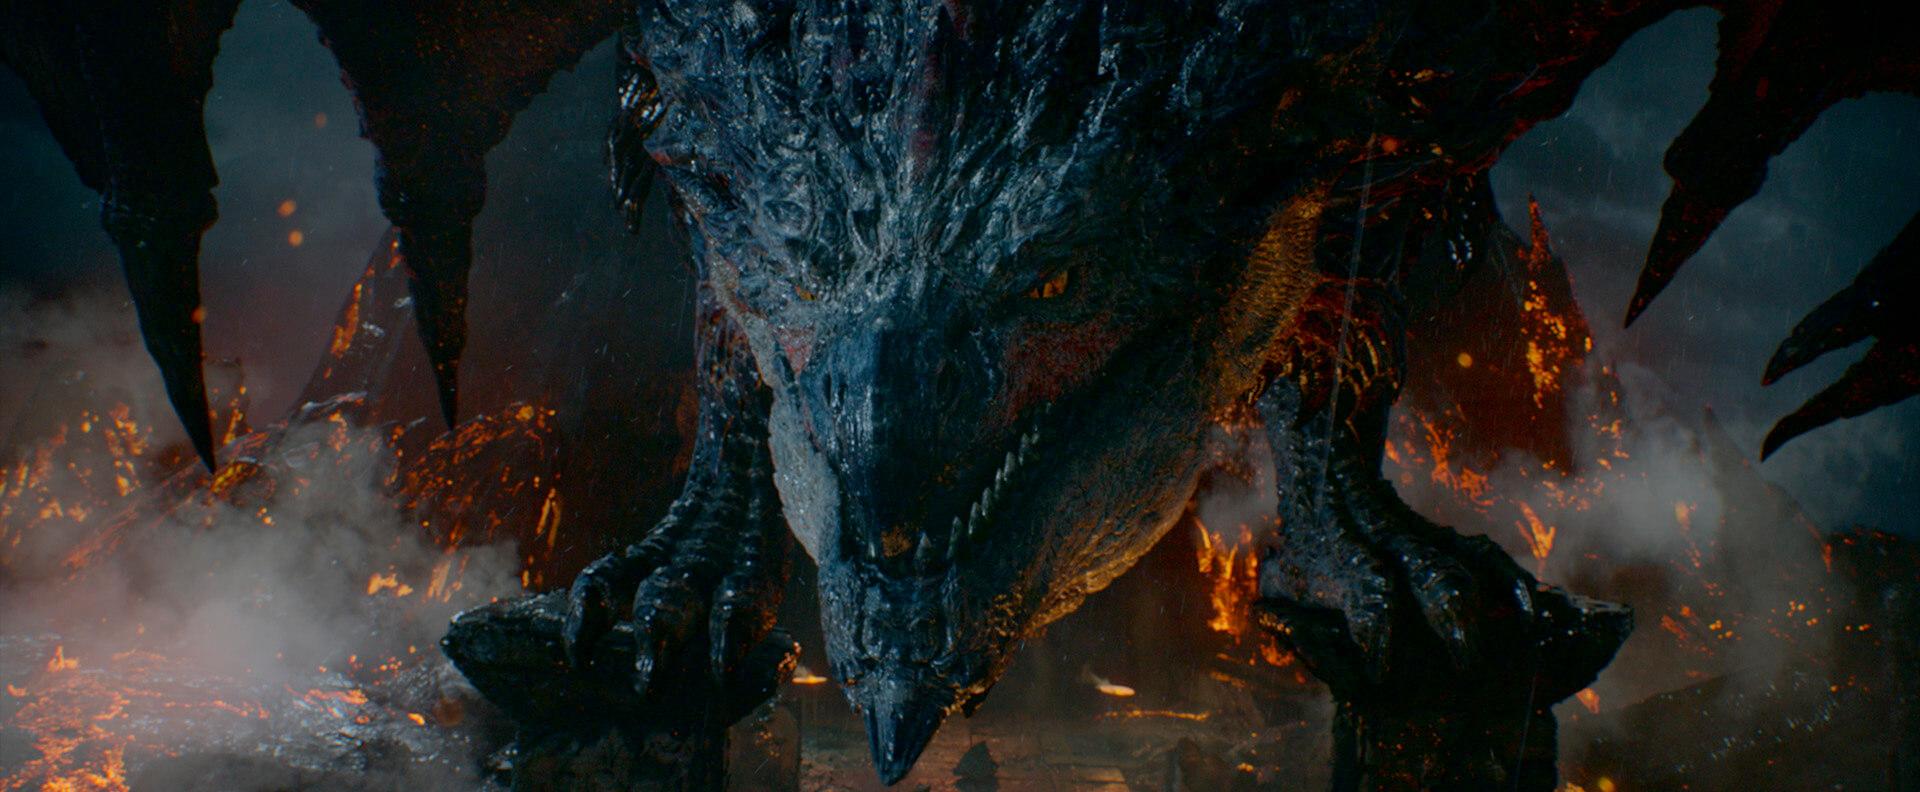 ついにリオレウス&ディアブロス亜種の姿も!ミラ・ジョヴォヴィッチ主演映画『モンスターハンター』の本予告映像が解禁 film201120_monsterhunter_6